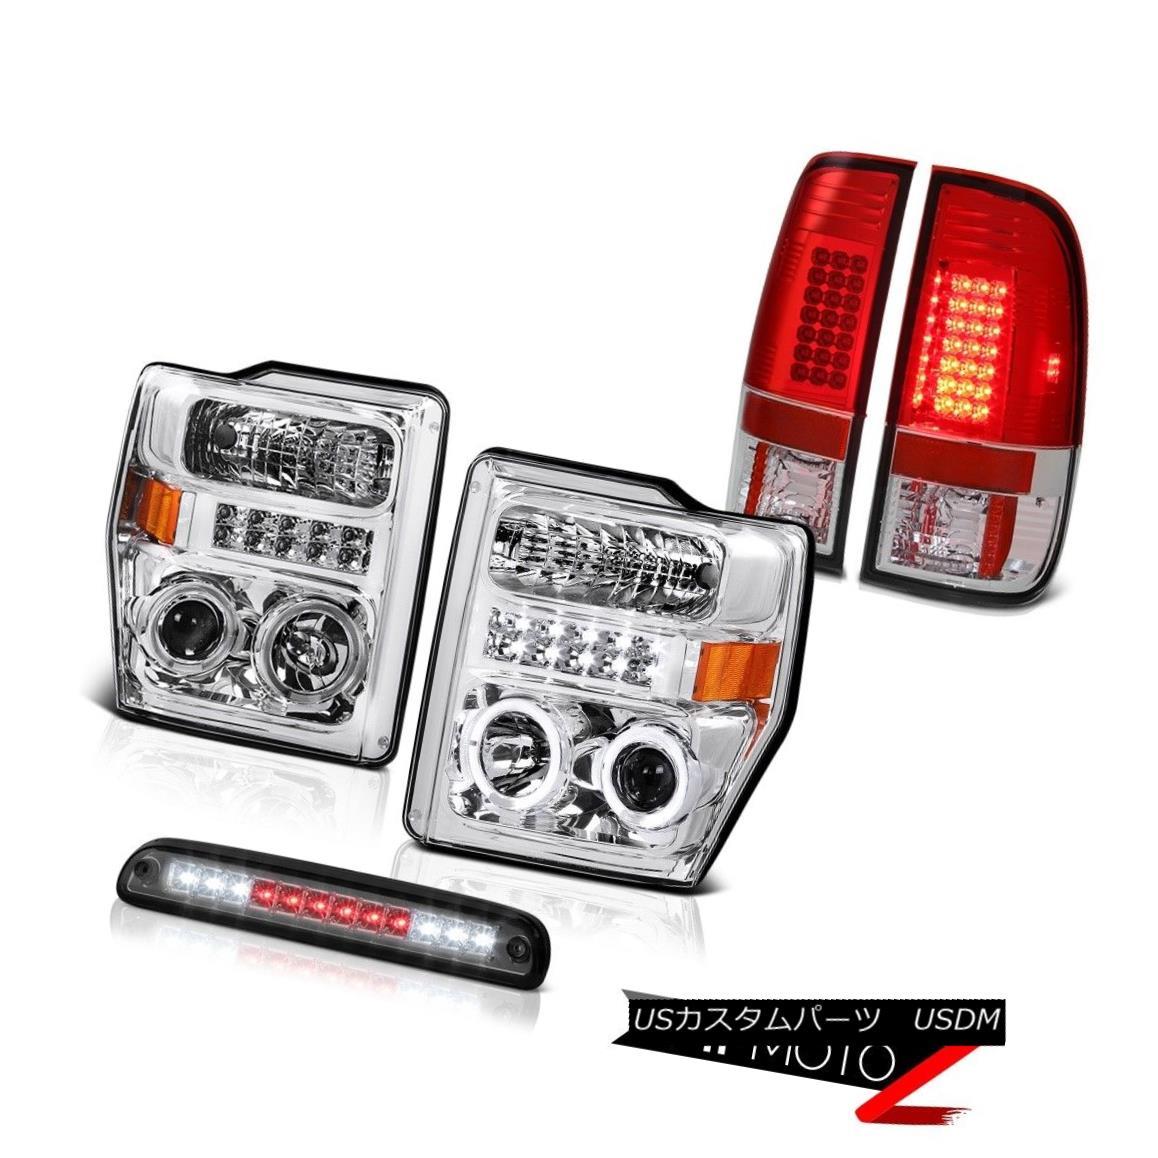 テールライト LED Angel Eye Headlight Brake Cargo Red Tail Lights 08 09 2010 F350 Turbo Diesel LEDエンジェルアイヘッドライトブレーキカーゴレッドテールライト08 09 2010 F350ターボディーゼル